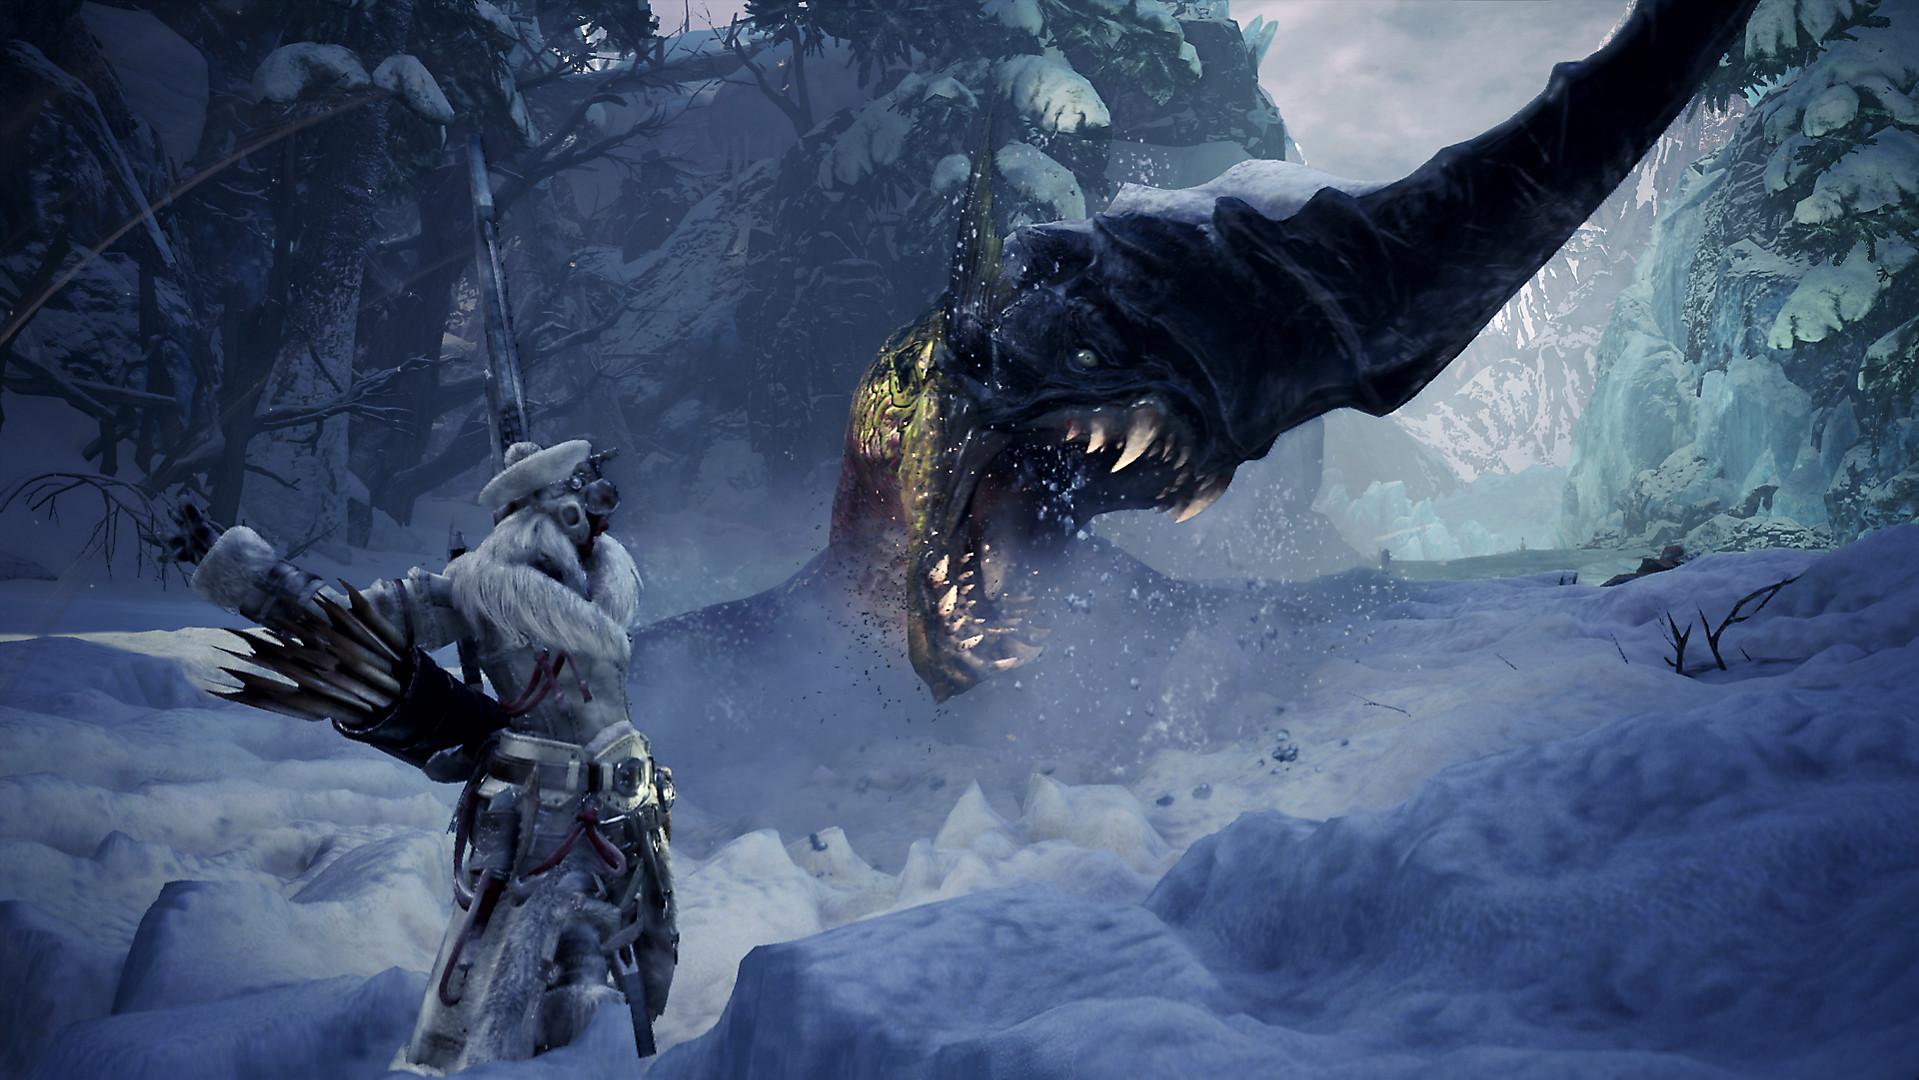 monster-hunter-world-iceborne-screen-03-